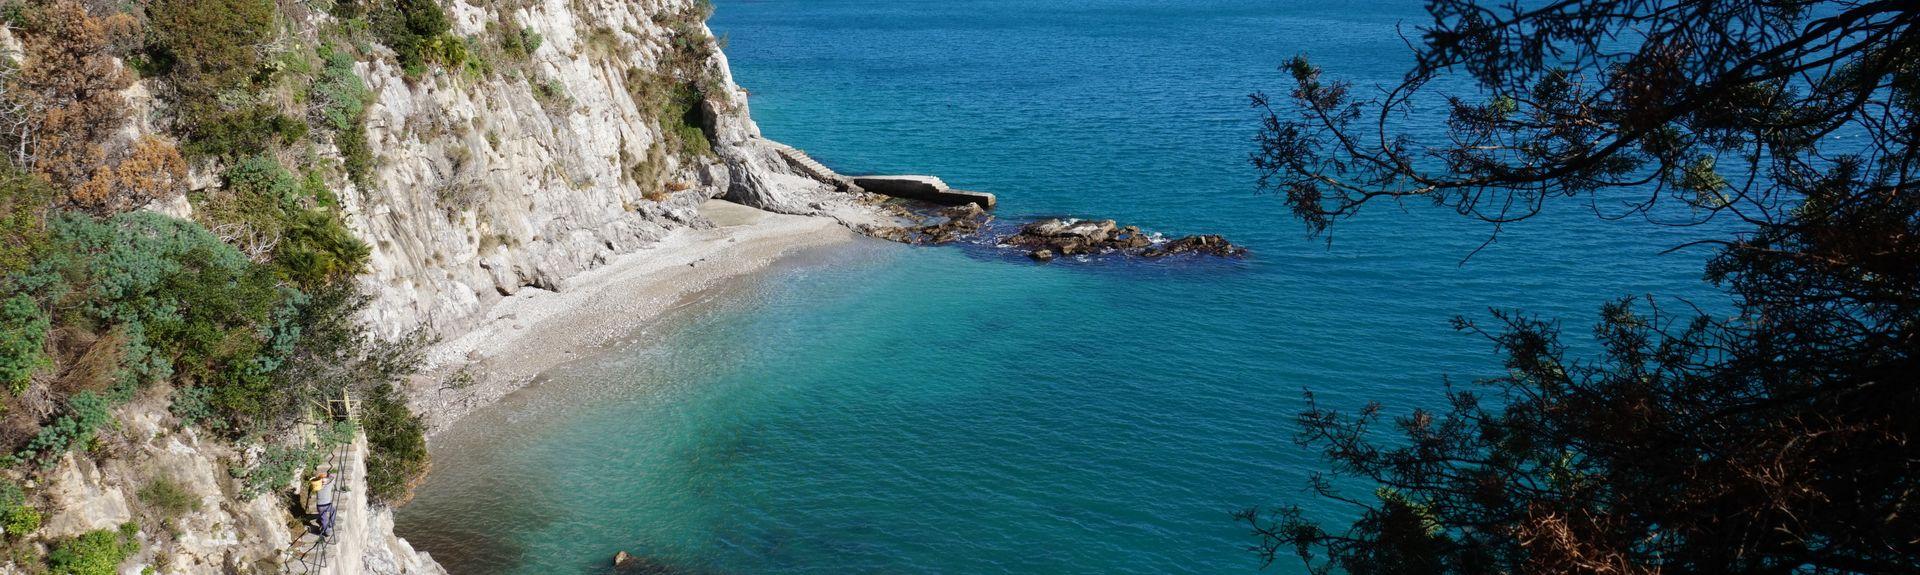 Praiano, Campania, Italy